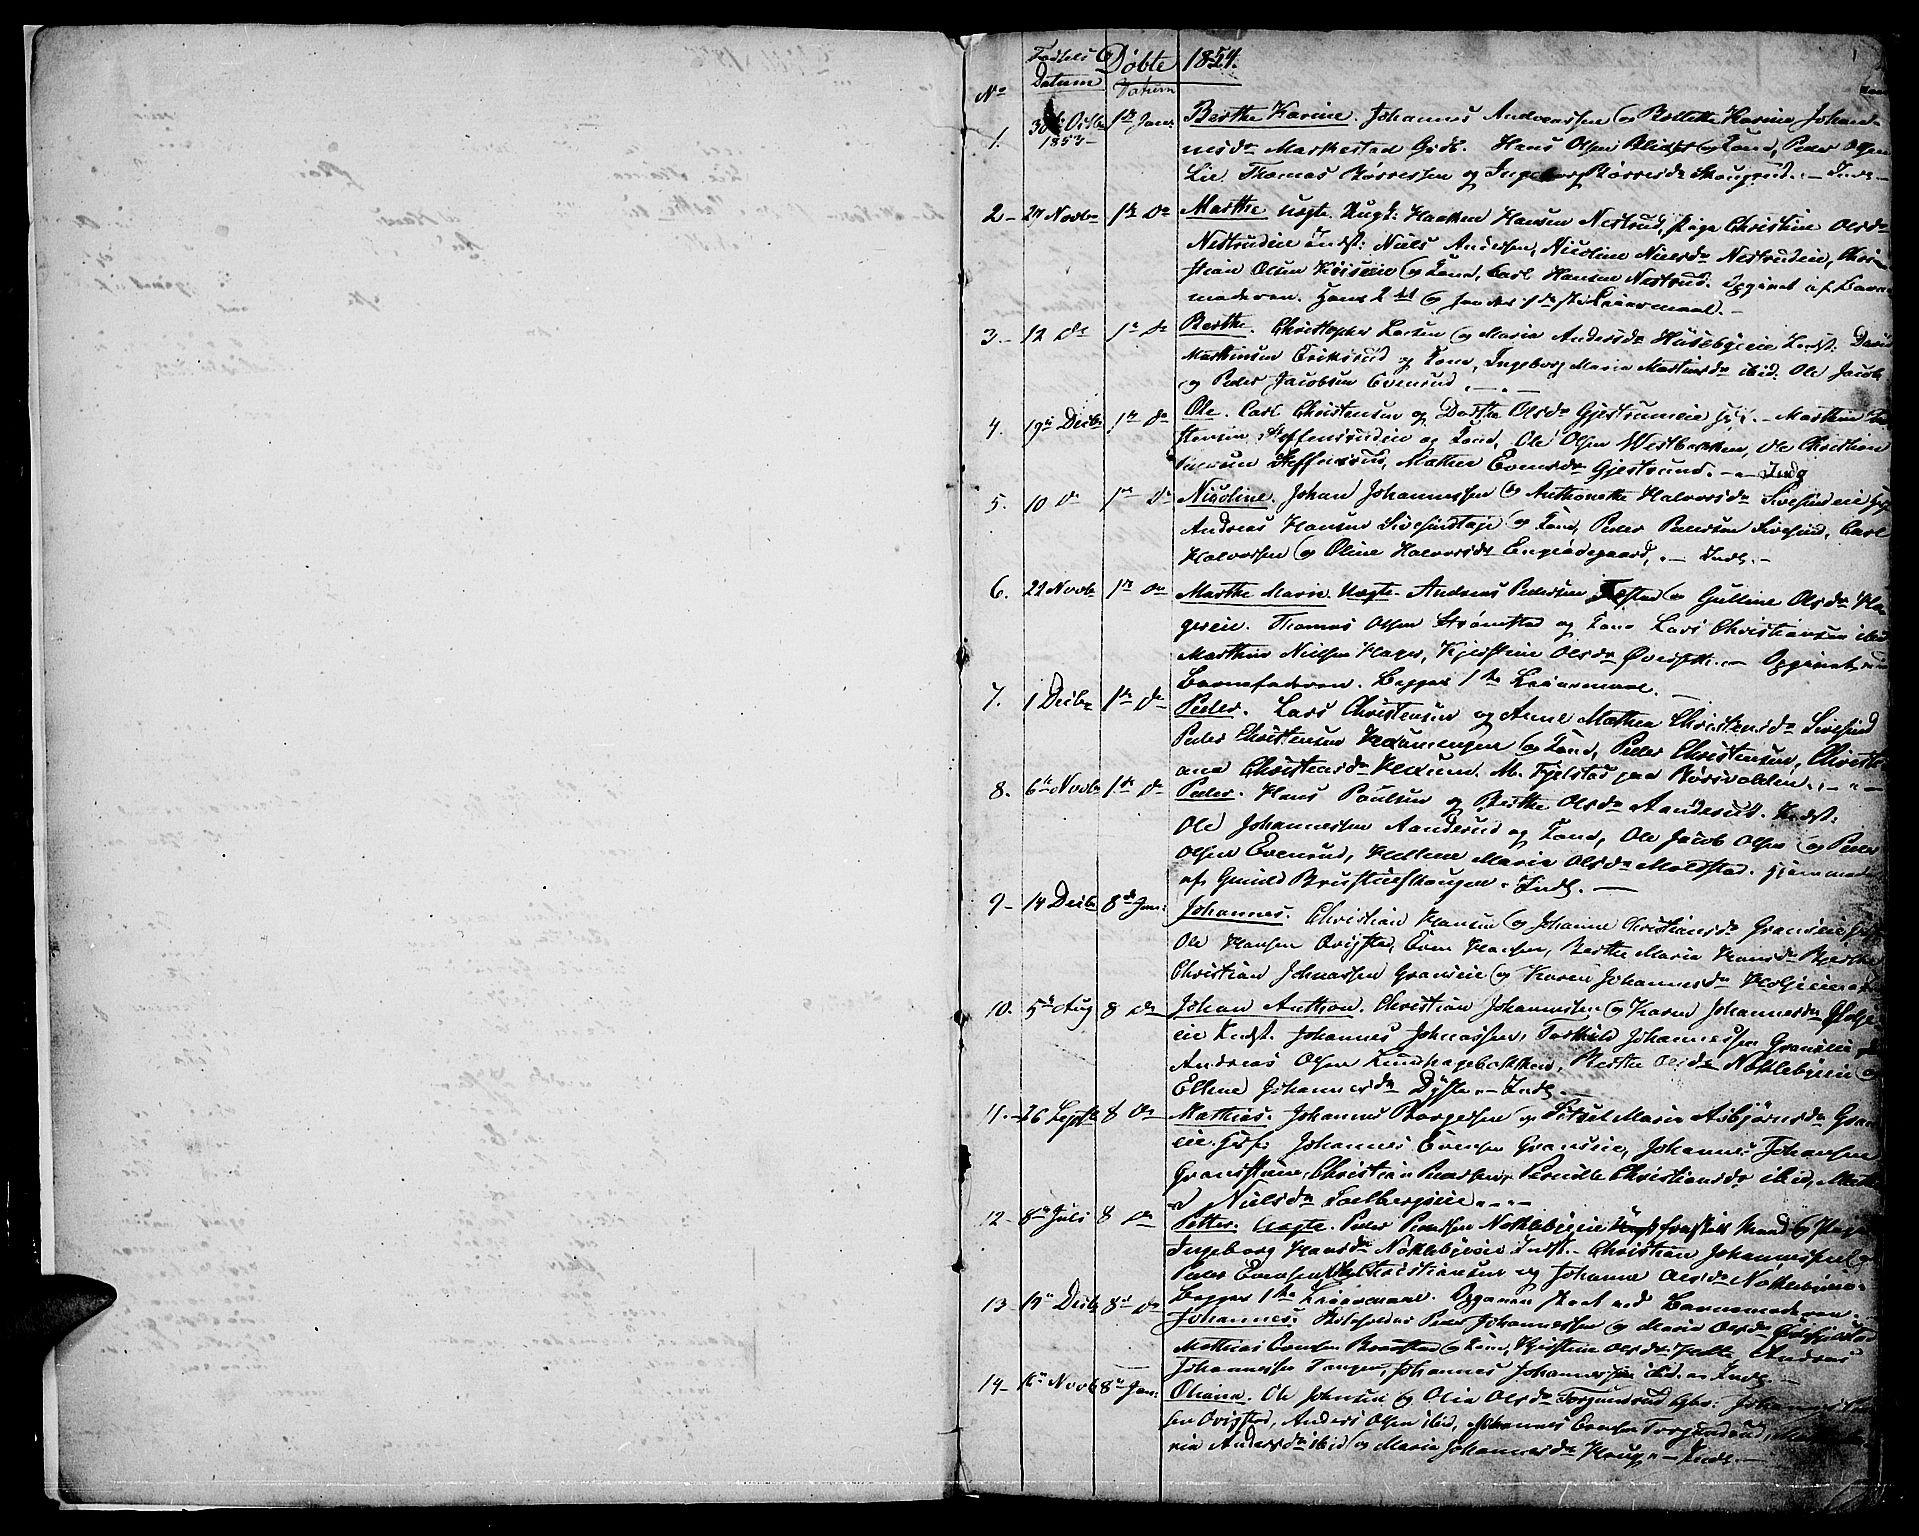 SAH, Vestre Toten prestekontor, Klokkerbok nr. 5, 1854-1870, s. 1